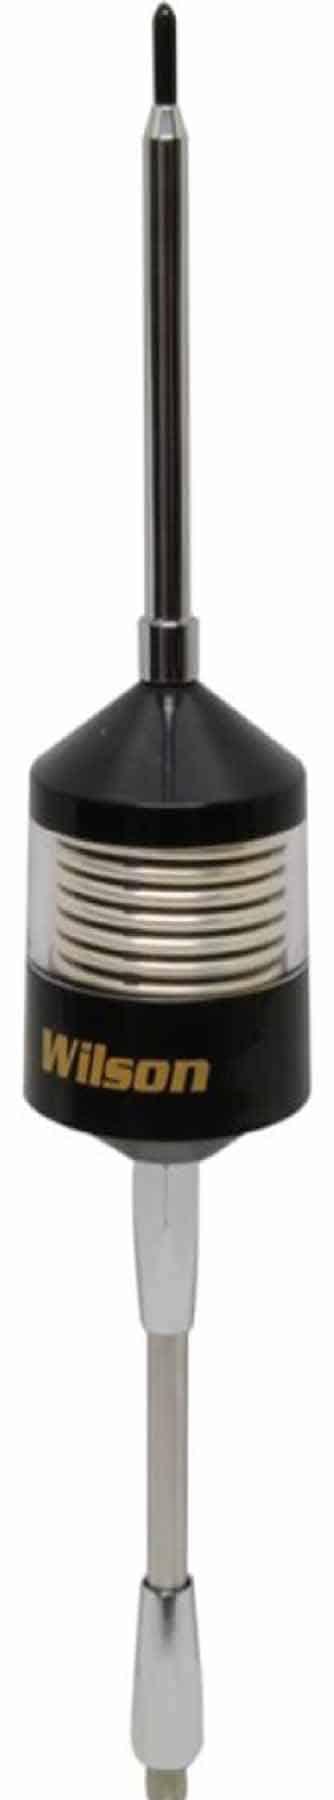 W2000T-10CL - Wilson 3,500 Watt Wide Band Center Load Antenna